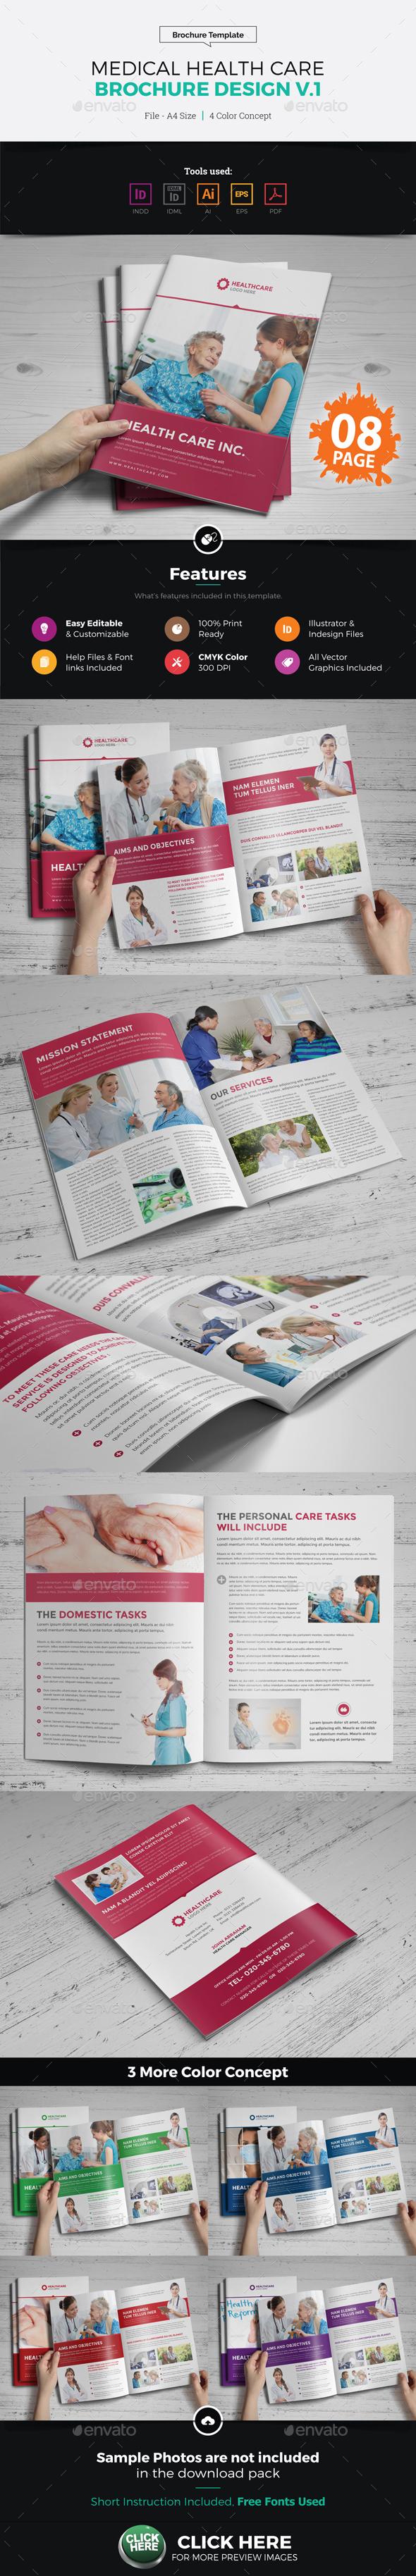 Medical Health Care Brochure Design v1 - Corporate Brochures